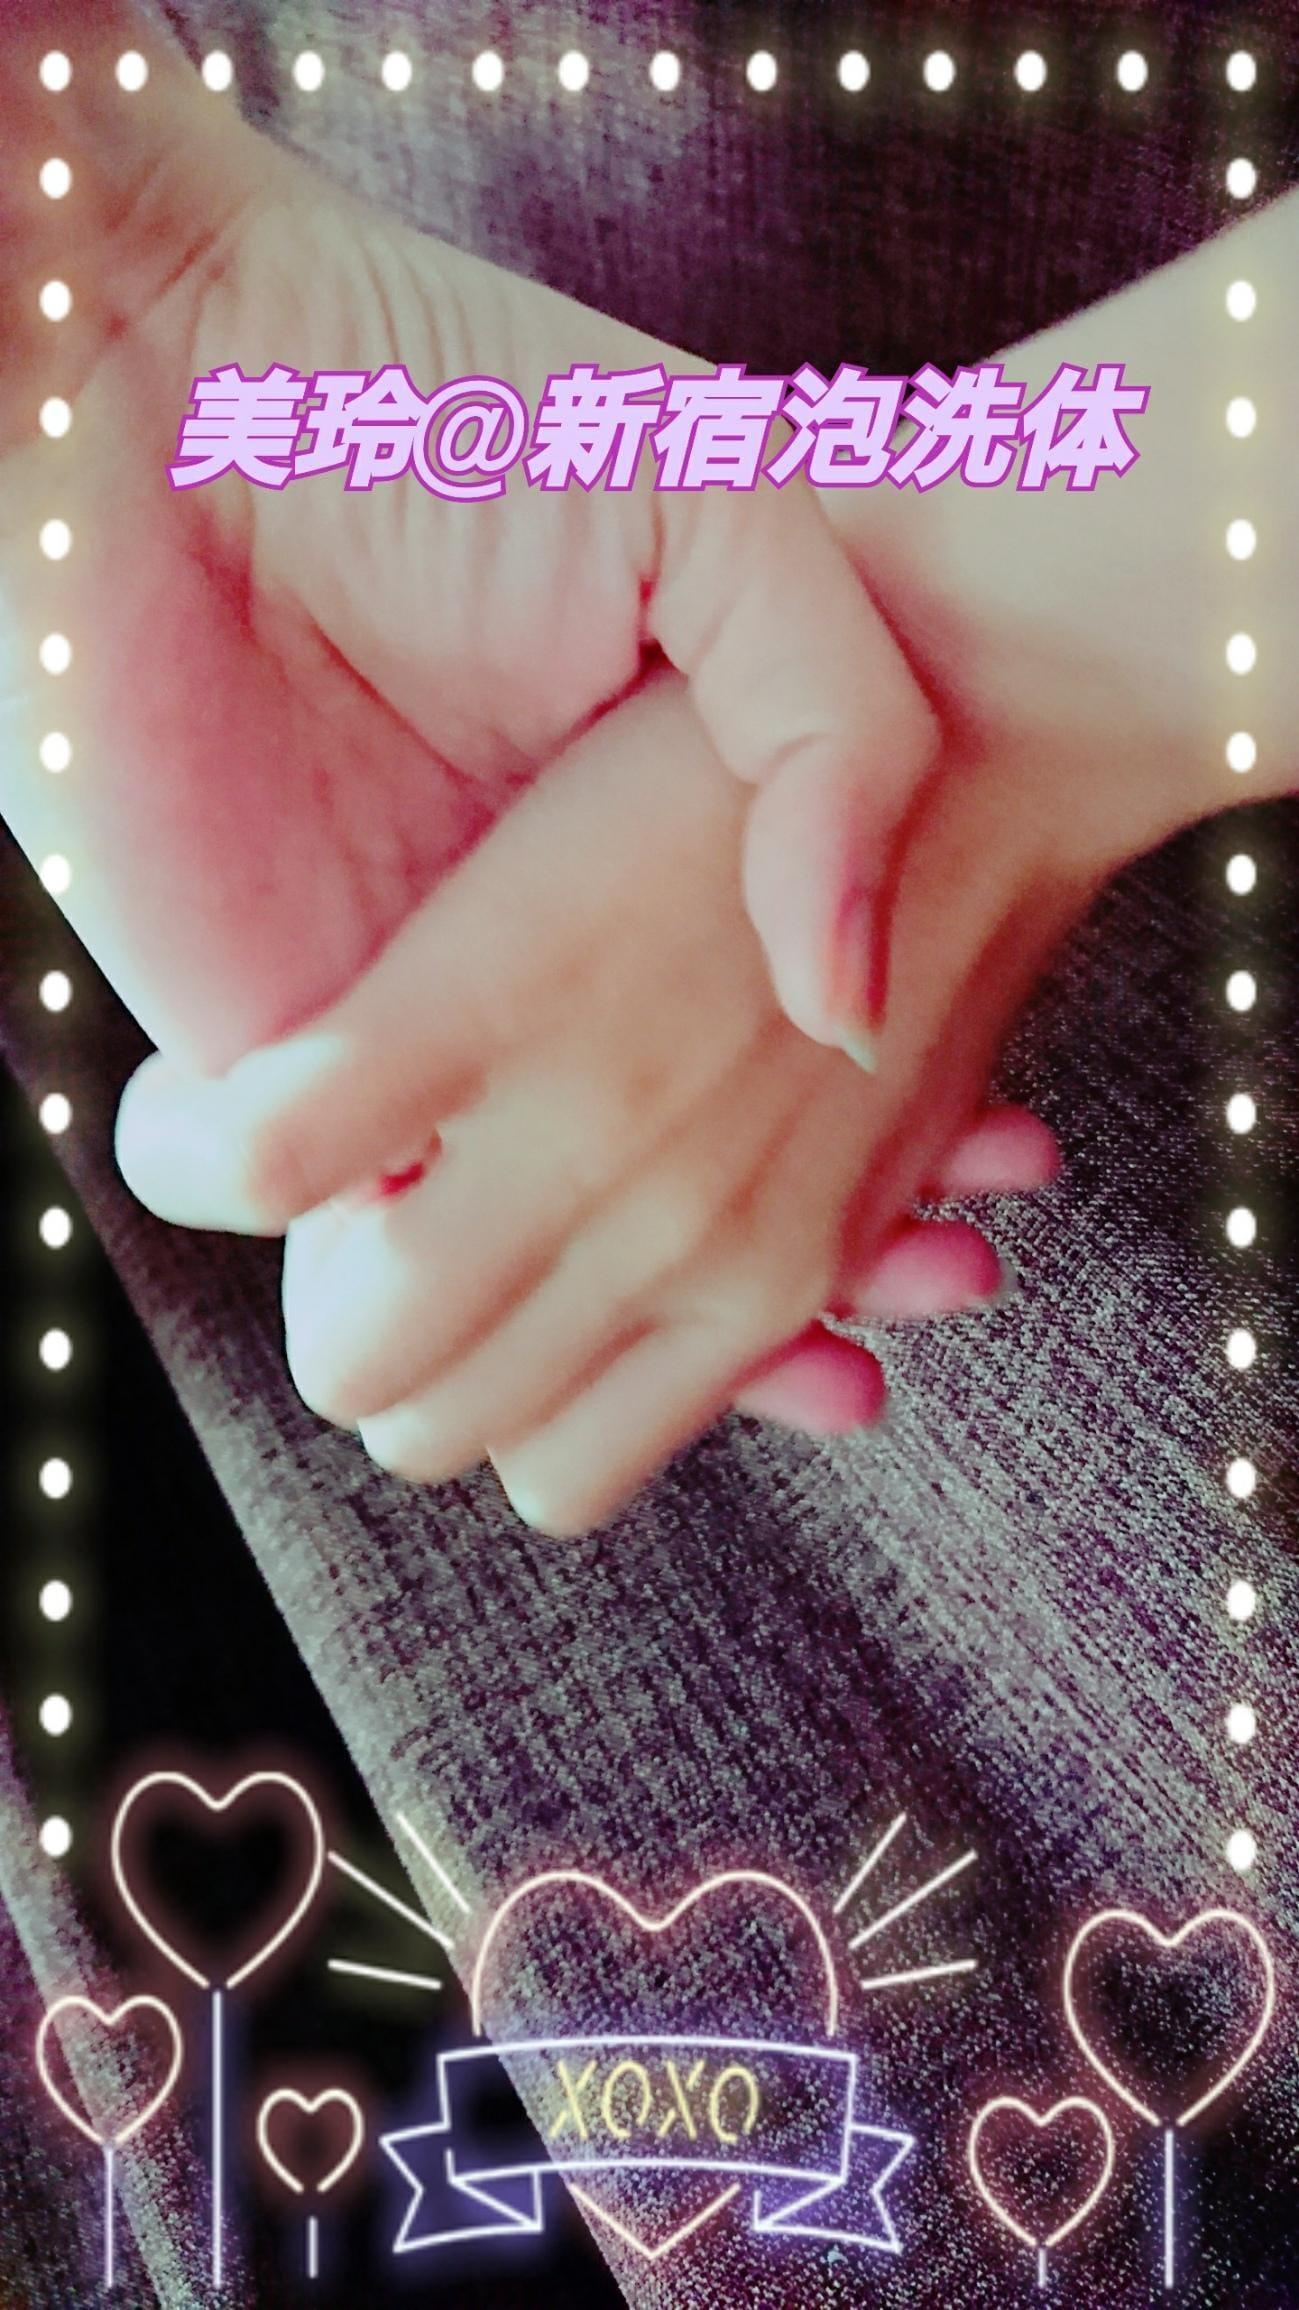 「はじめて‥?」11/21(11/21) 20:52 | 美玲(みれい)の写メ・風俗動画